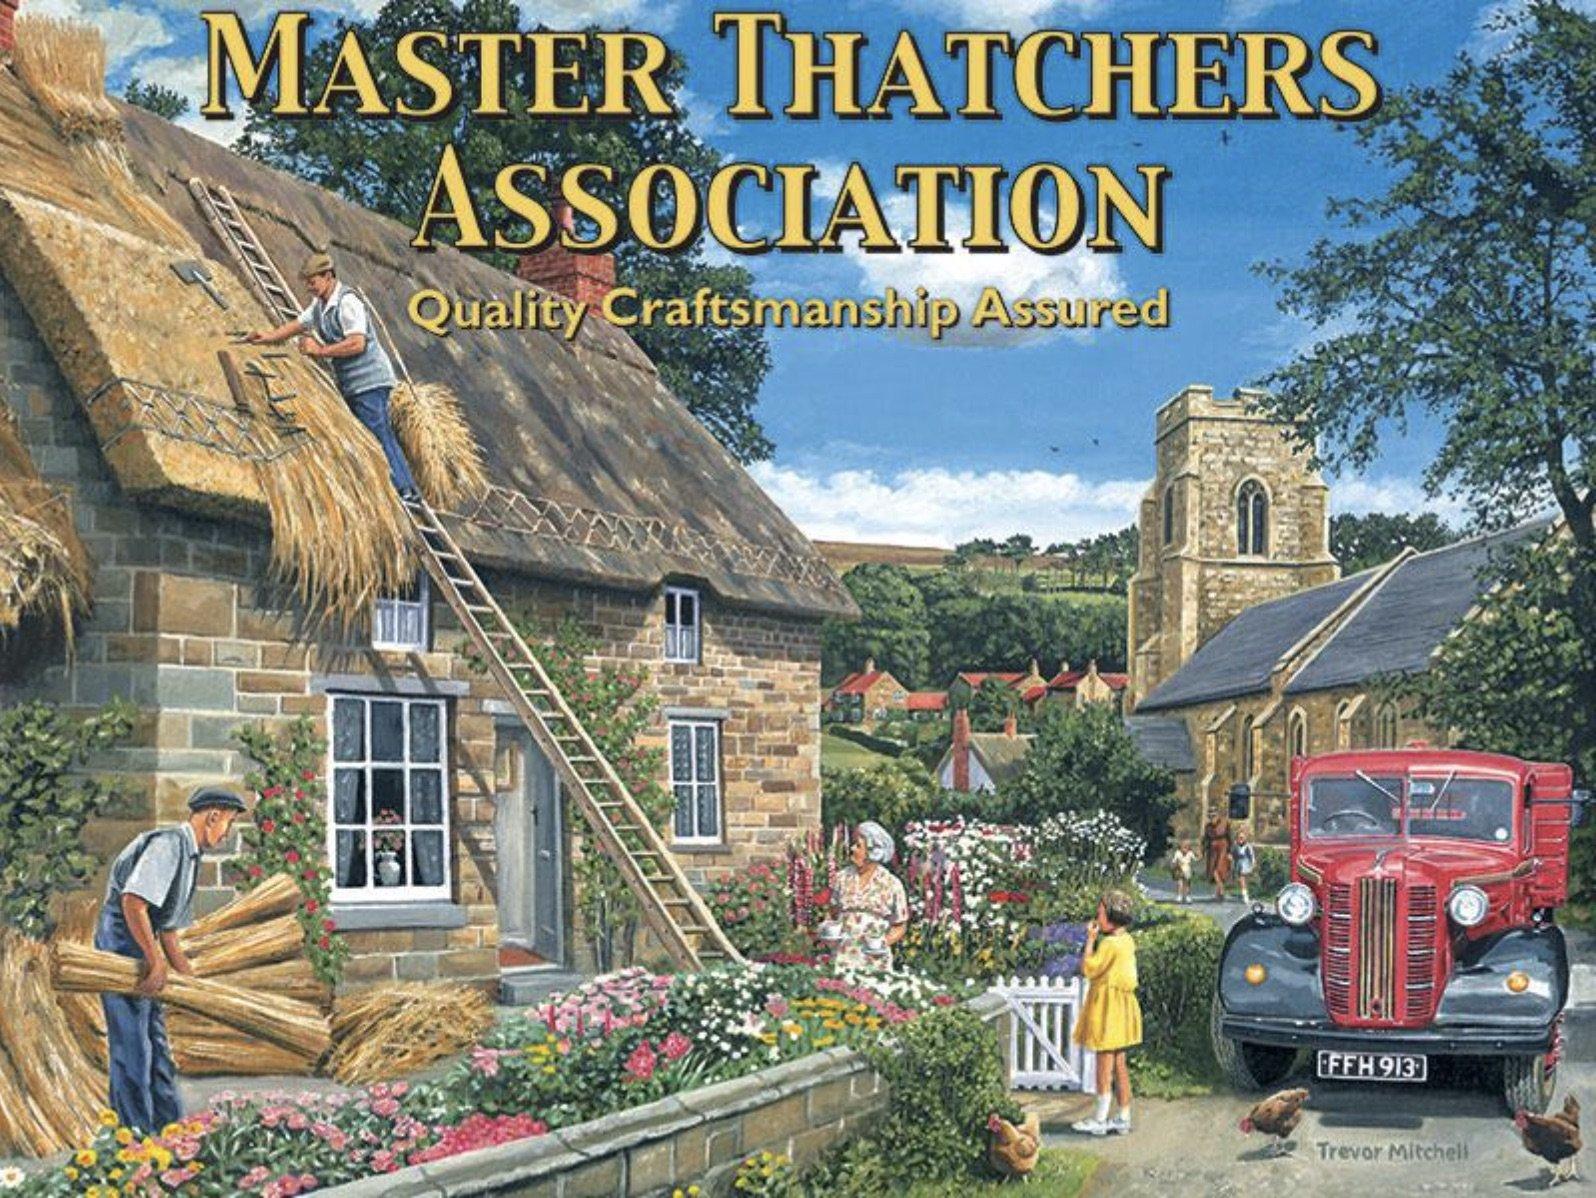 Master Thatchers Metal Wall Art